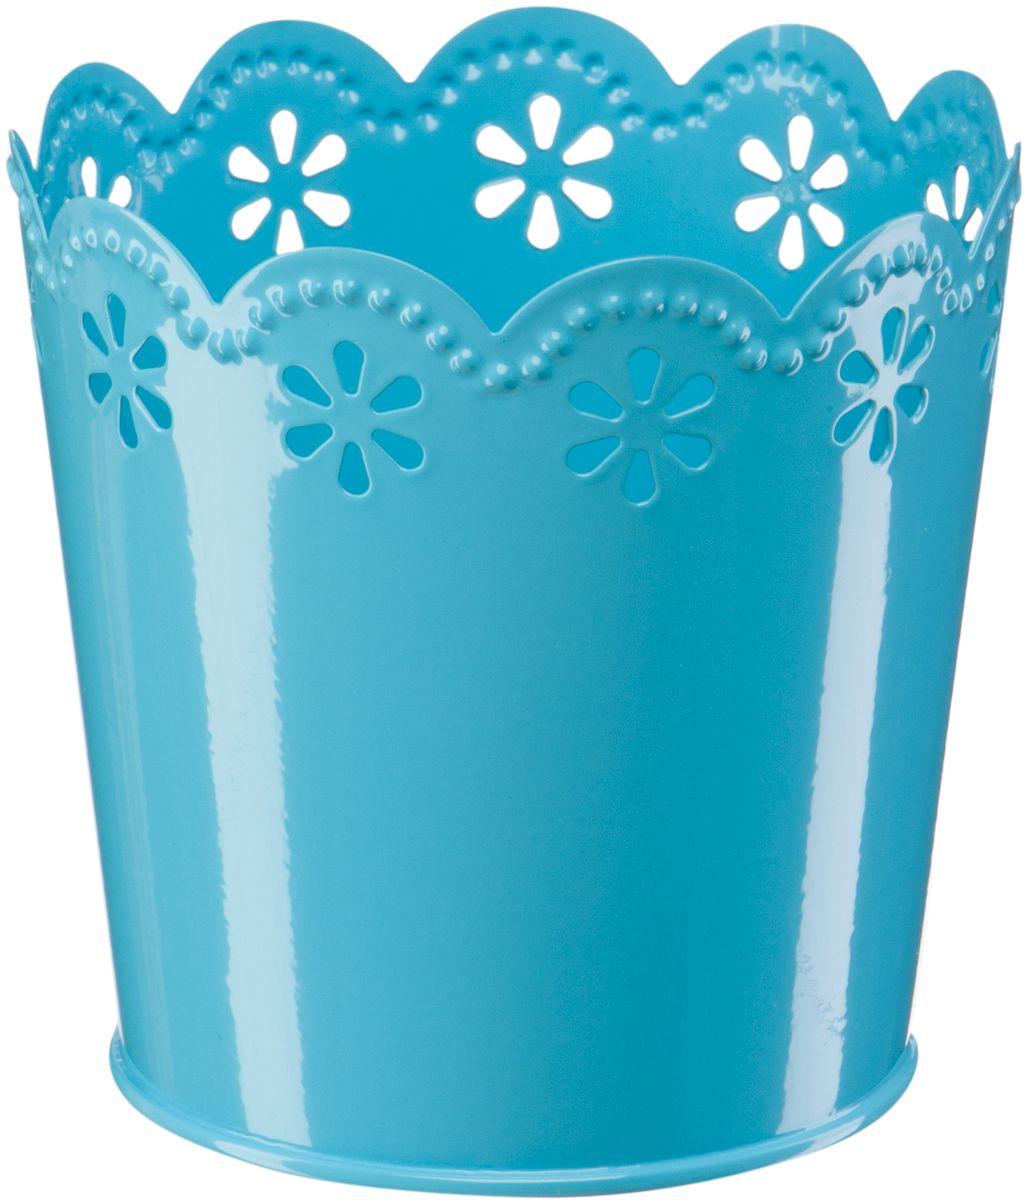 Кашпо Engard, цвет: синий, 12,5 х 10 х 13 смст450-2нсКашпо, предназначенное для посадки декоративных растений, станет прекрасным украшением для дома. Яркая расцветка привлекает к себе внимание и поднимает настроение. Материал изготовления - металл.